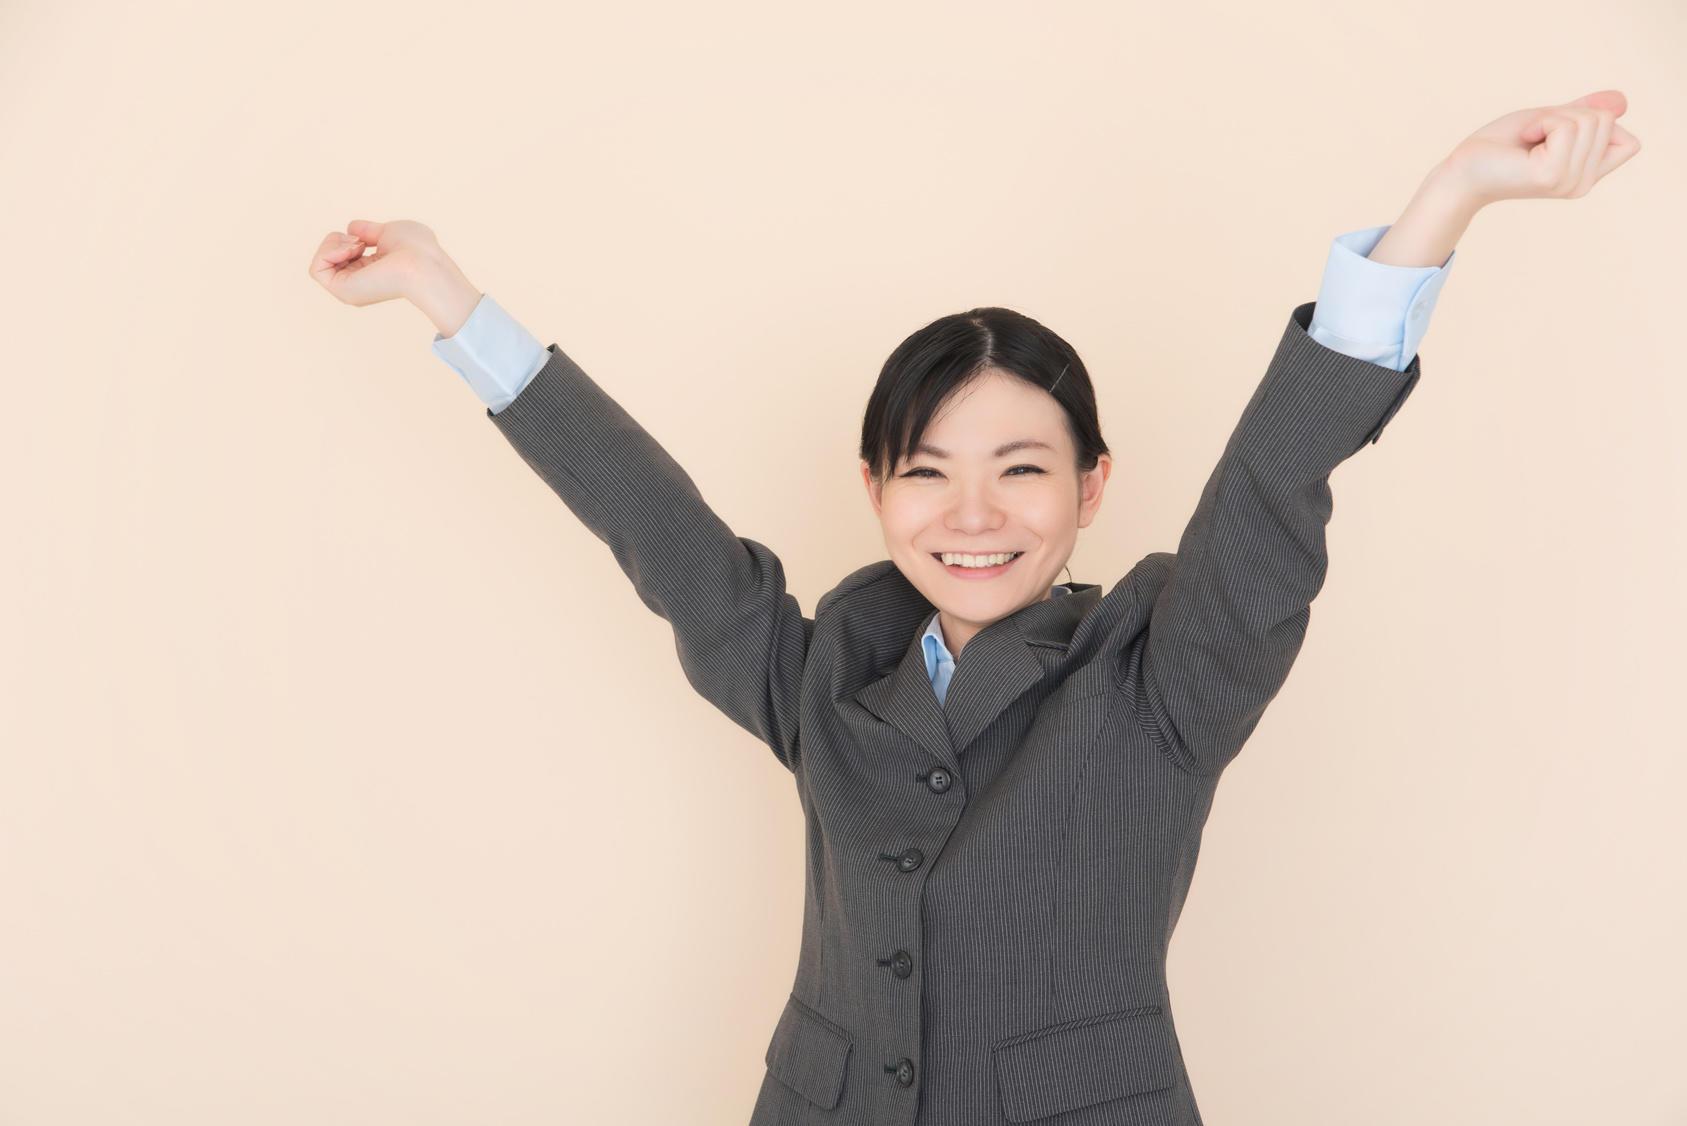 厚労省が「働く女性の実情」を公表~女性活躍推進法に基づく取組状況を解説